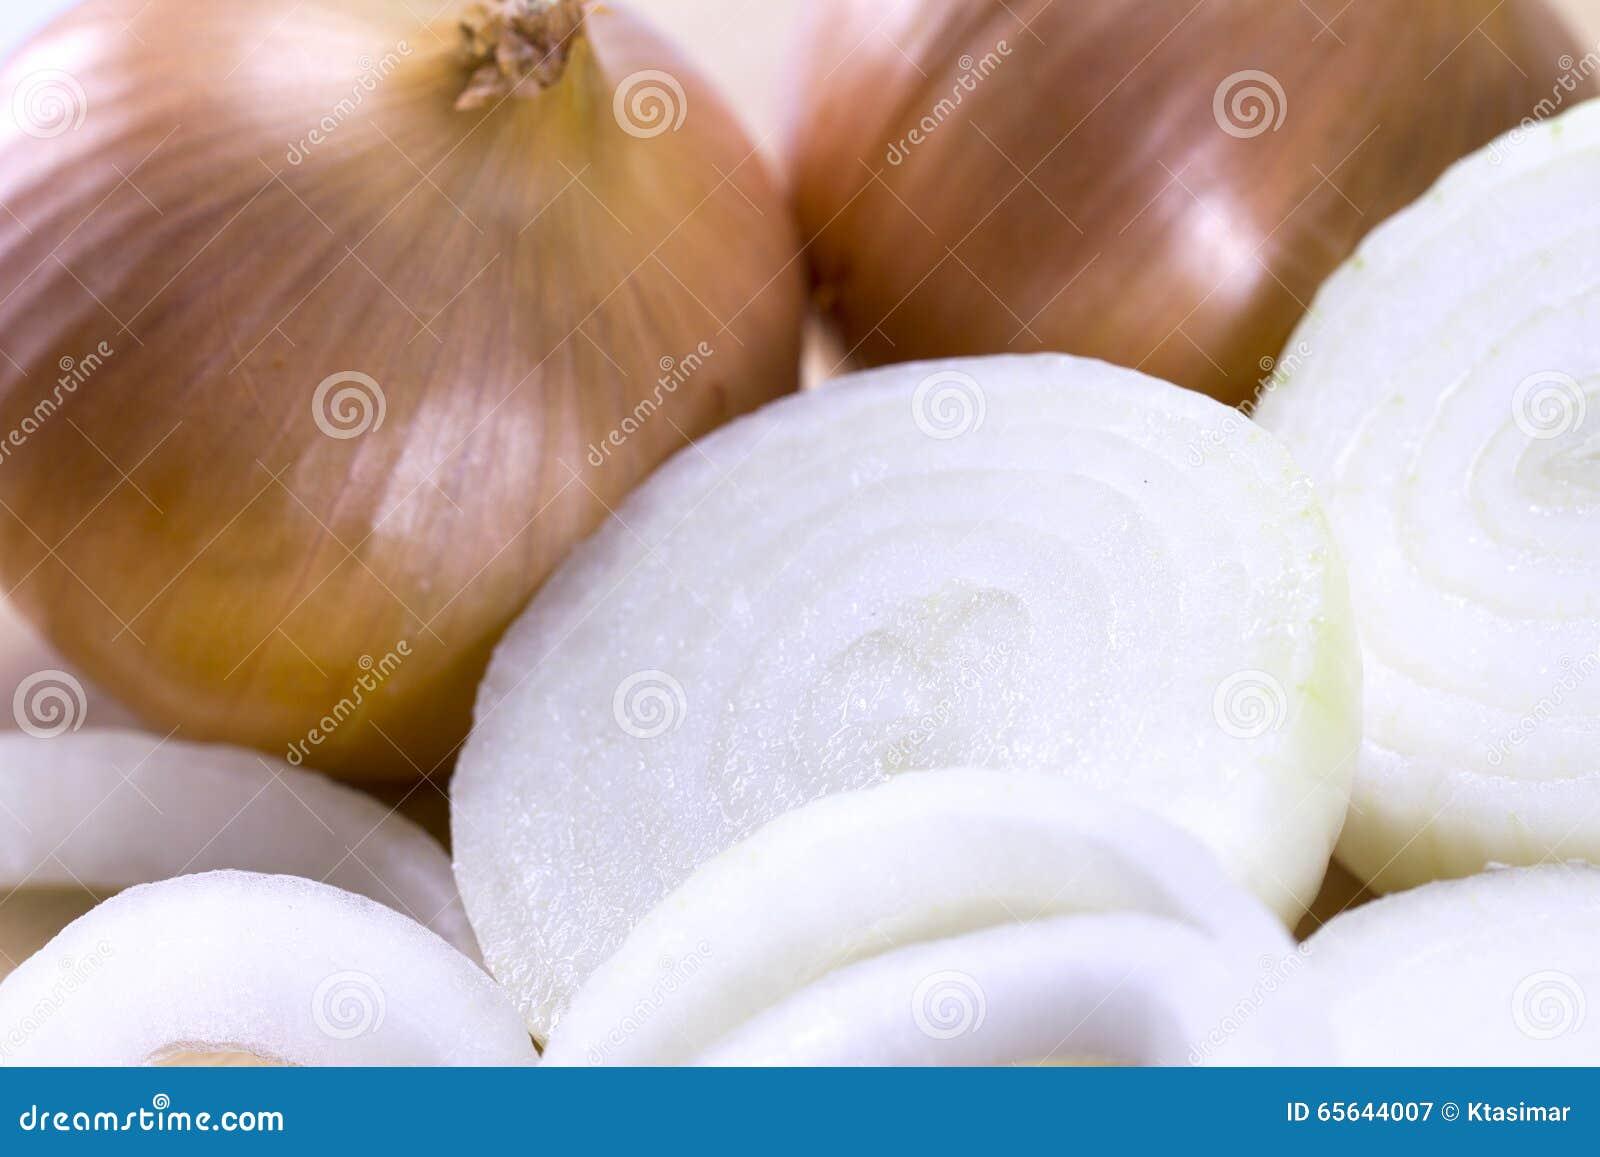 Oignon coupé en tranches